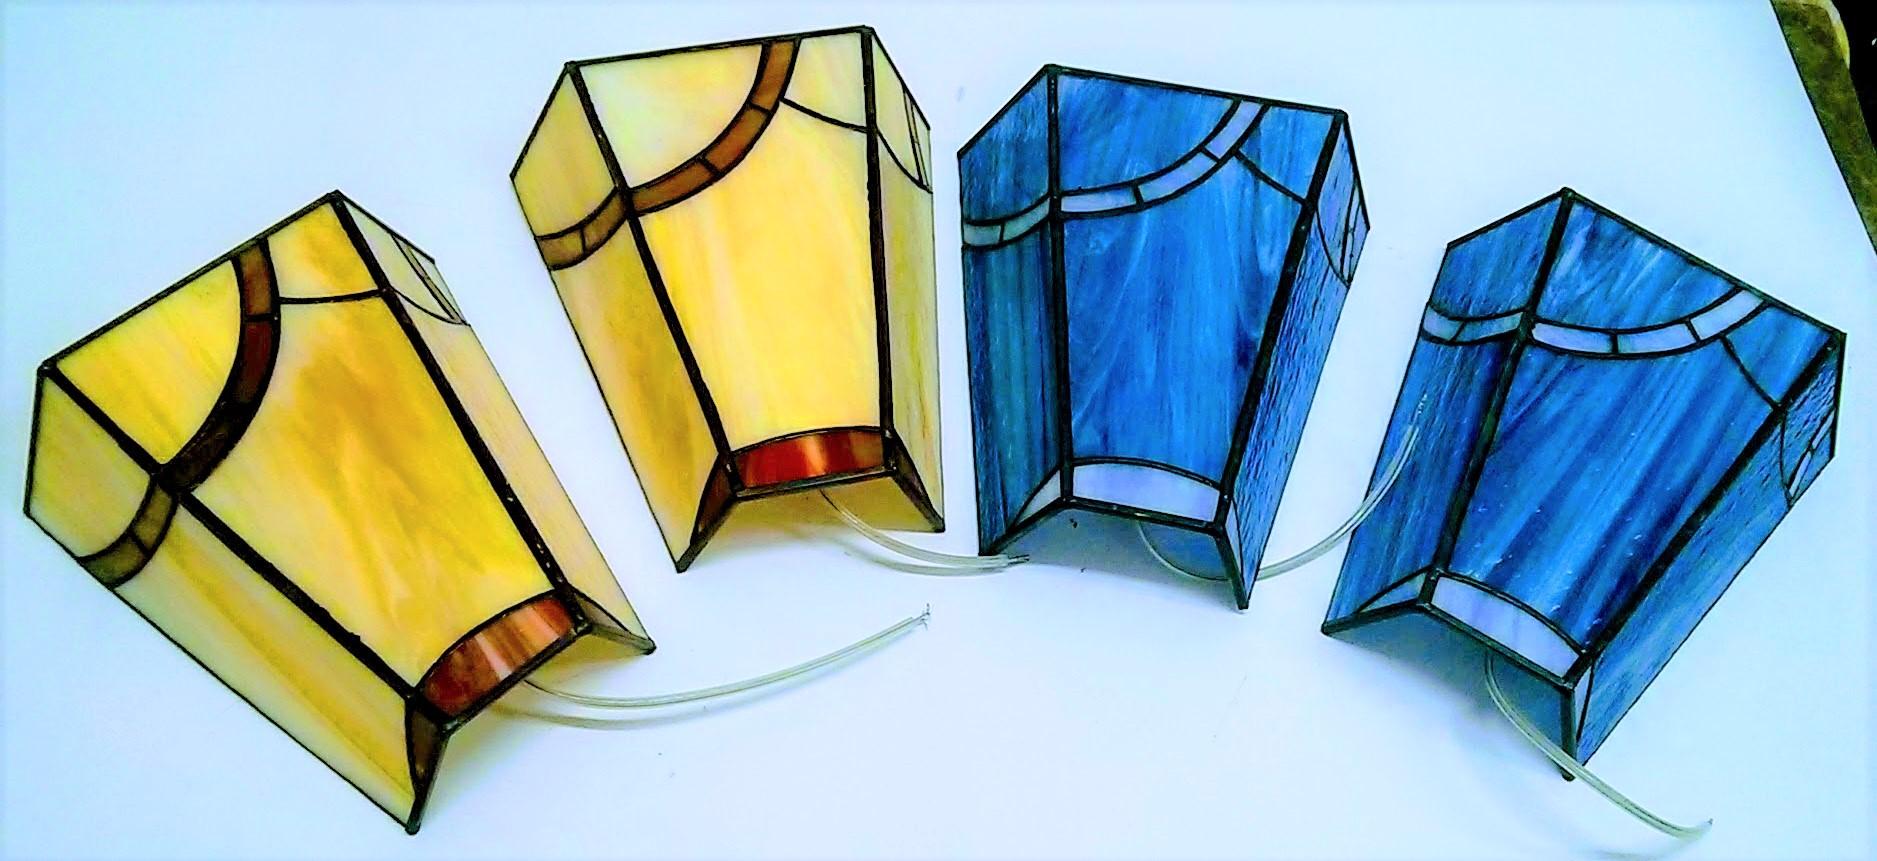 סט של מנורות קיר בדגמים גאומטריים